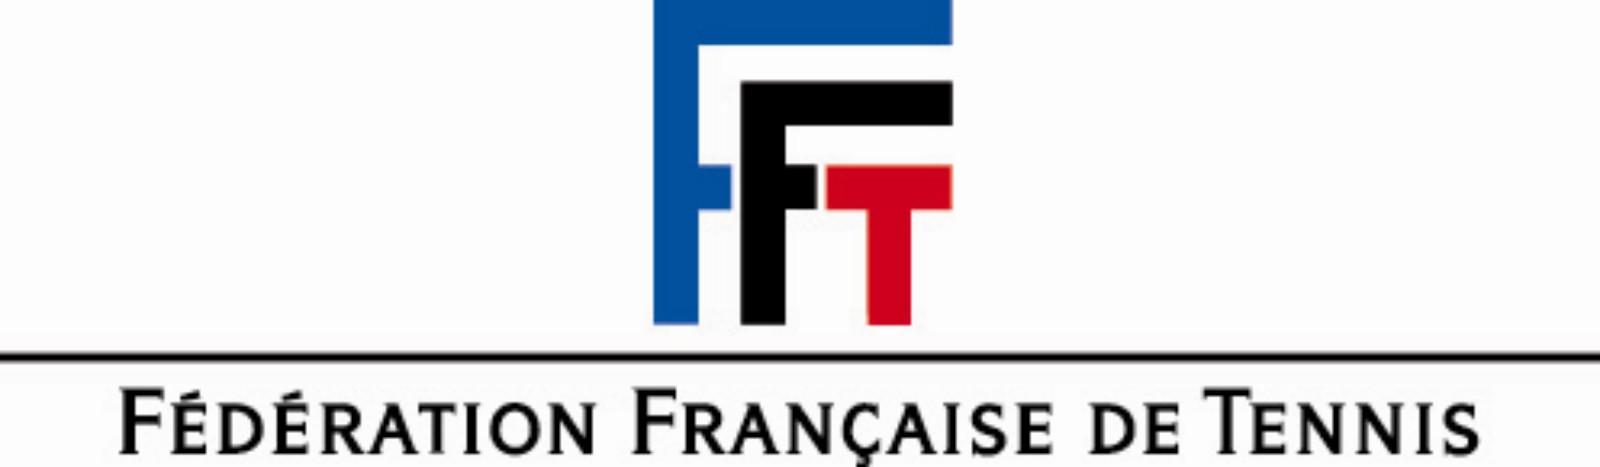 partenaire-fft